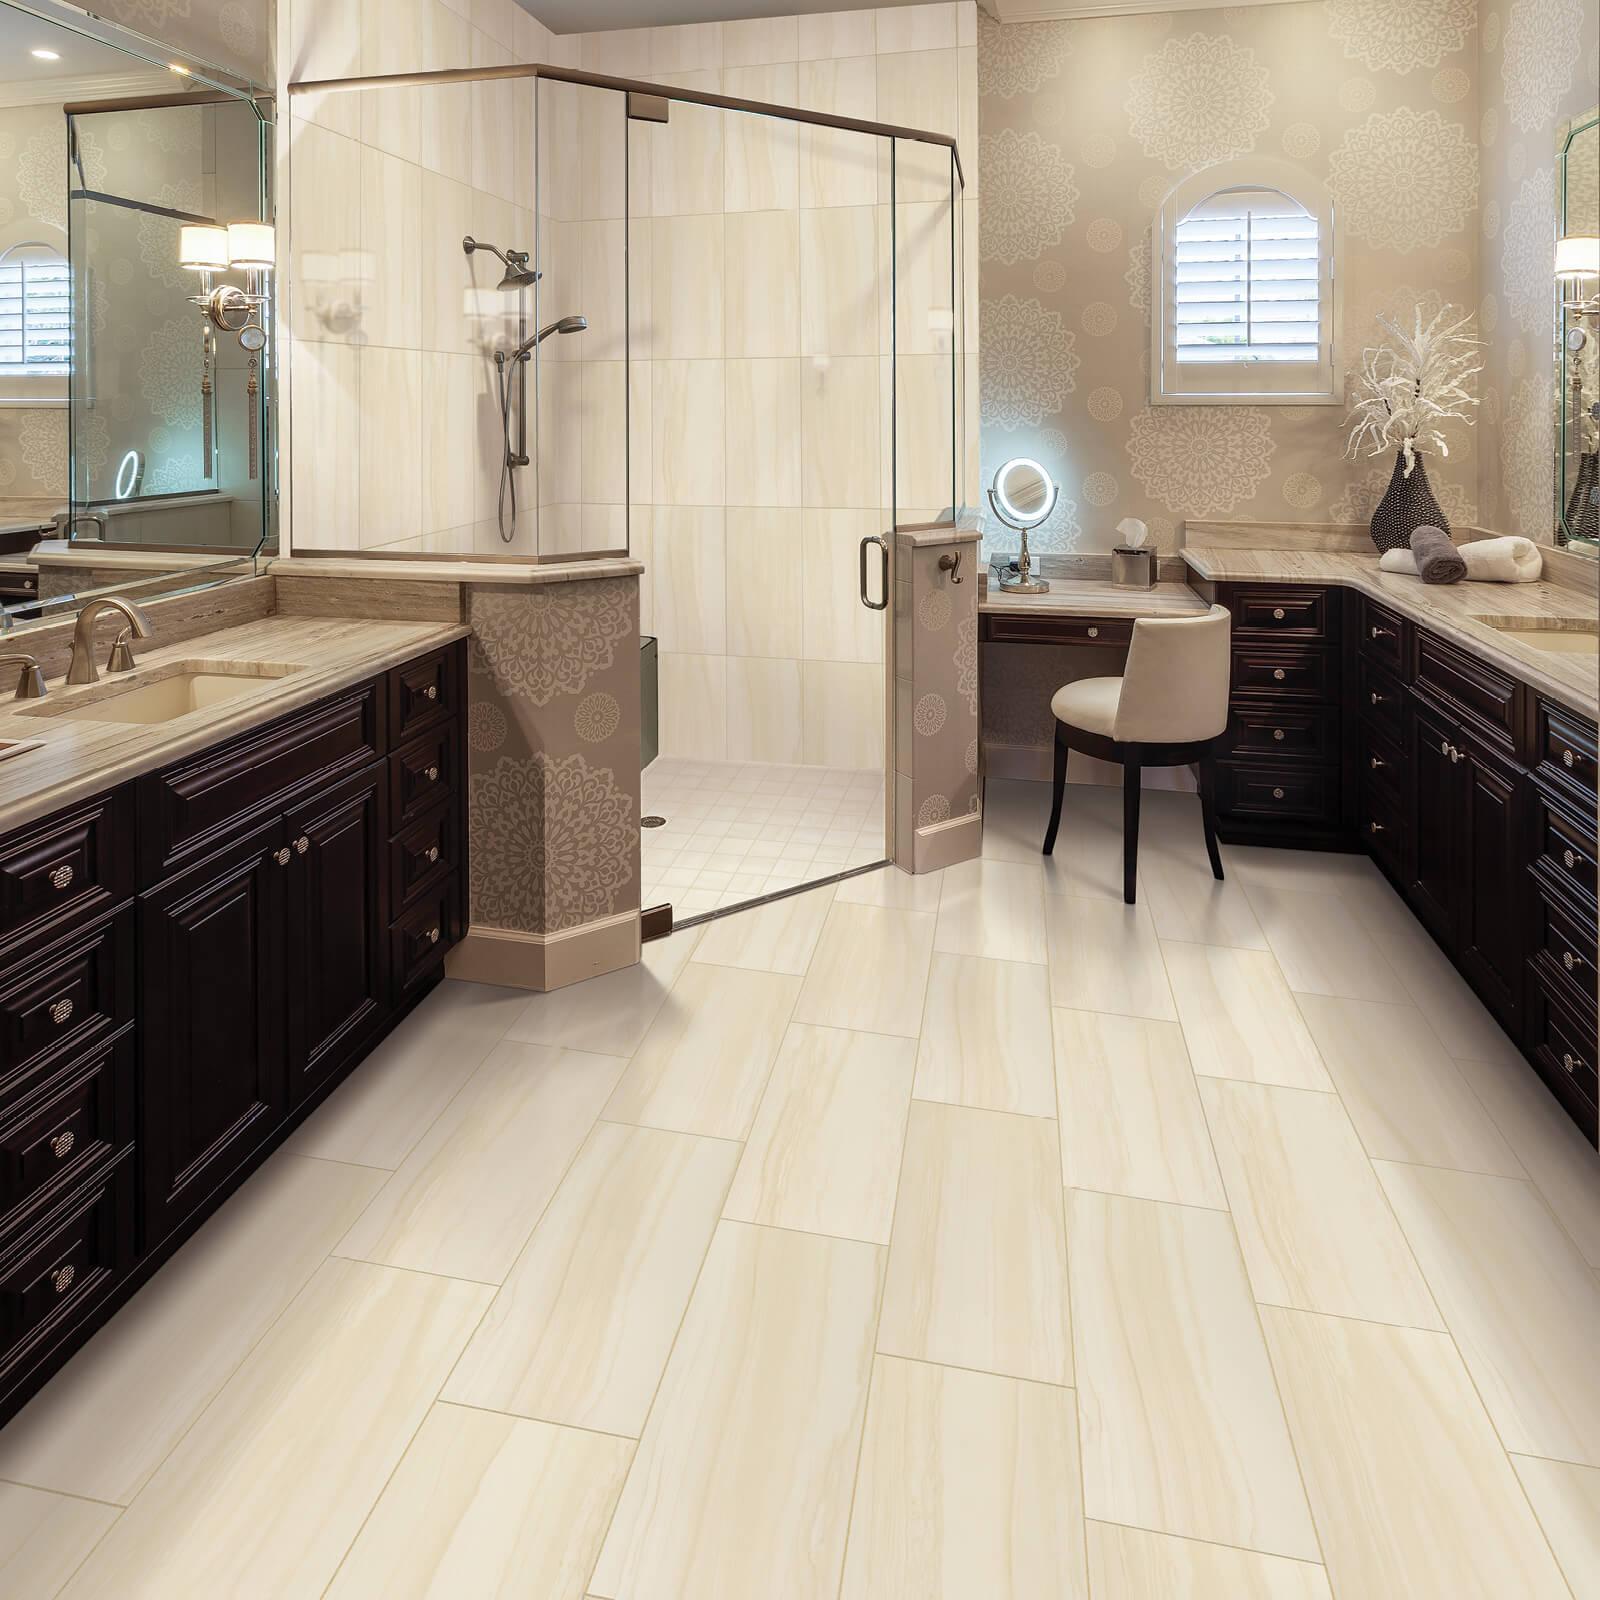 Tile in bathroom | Neils Floor Covering